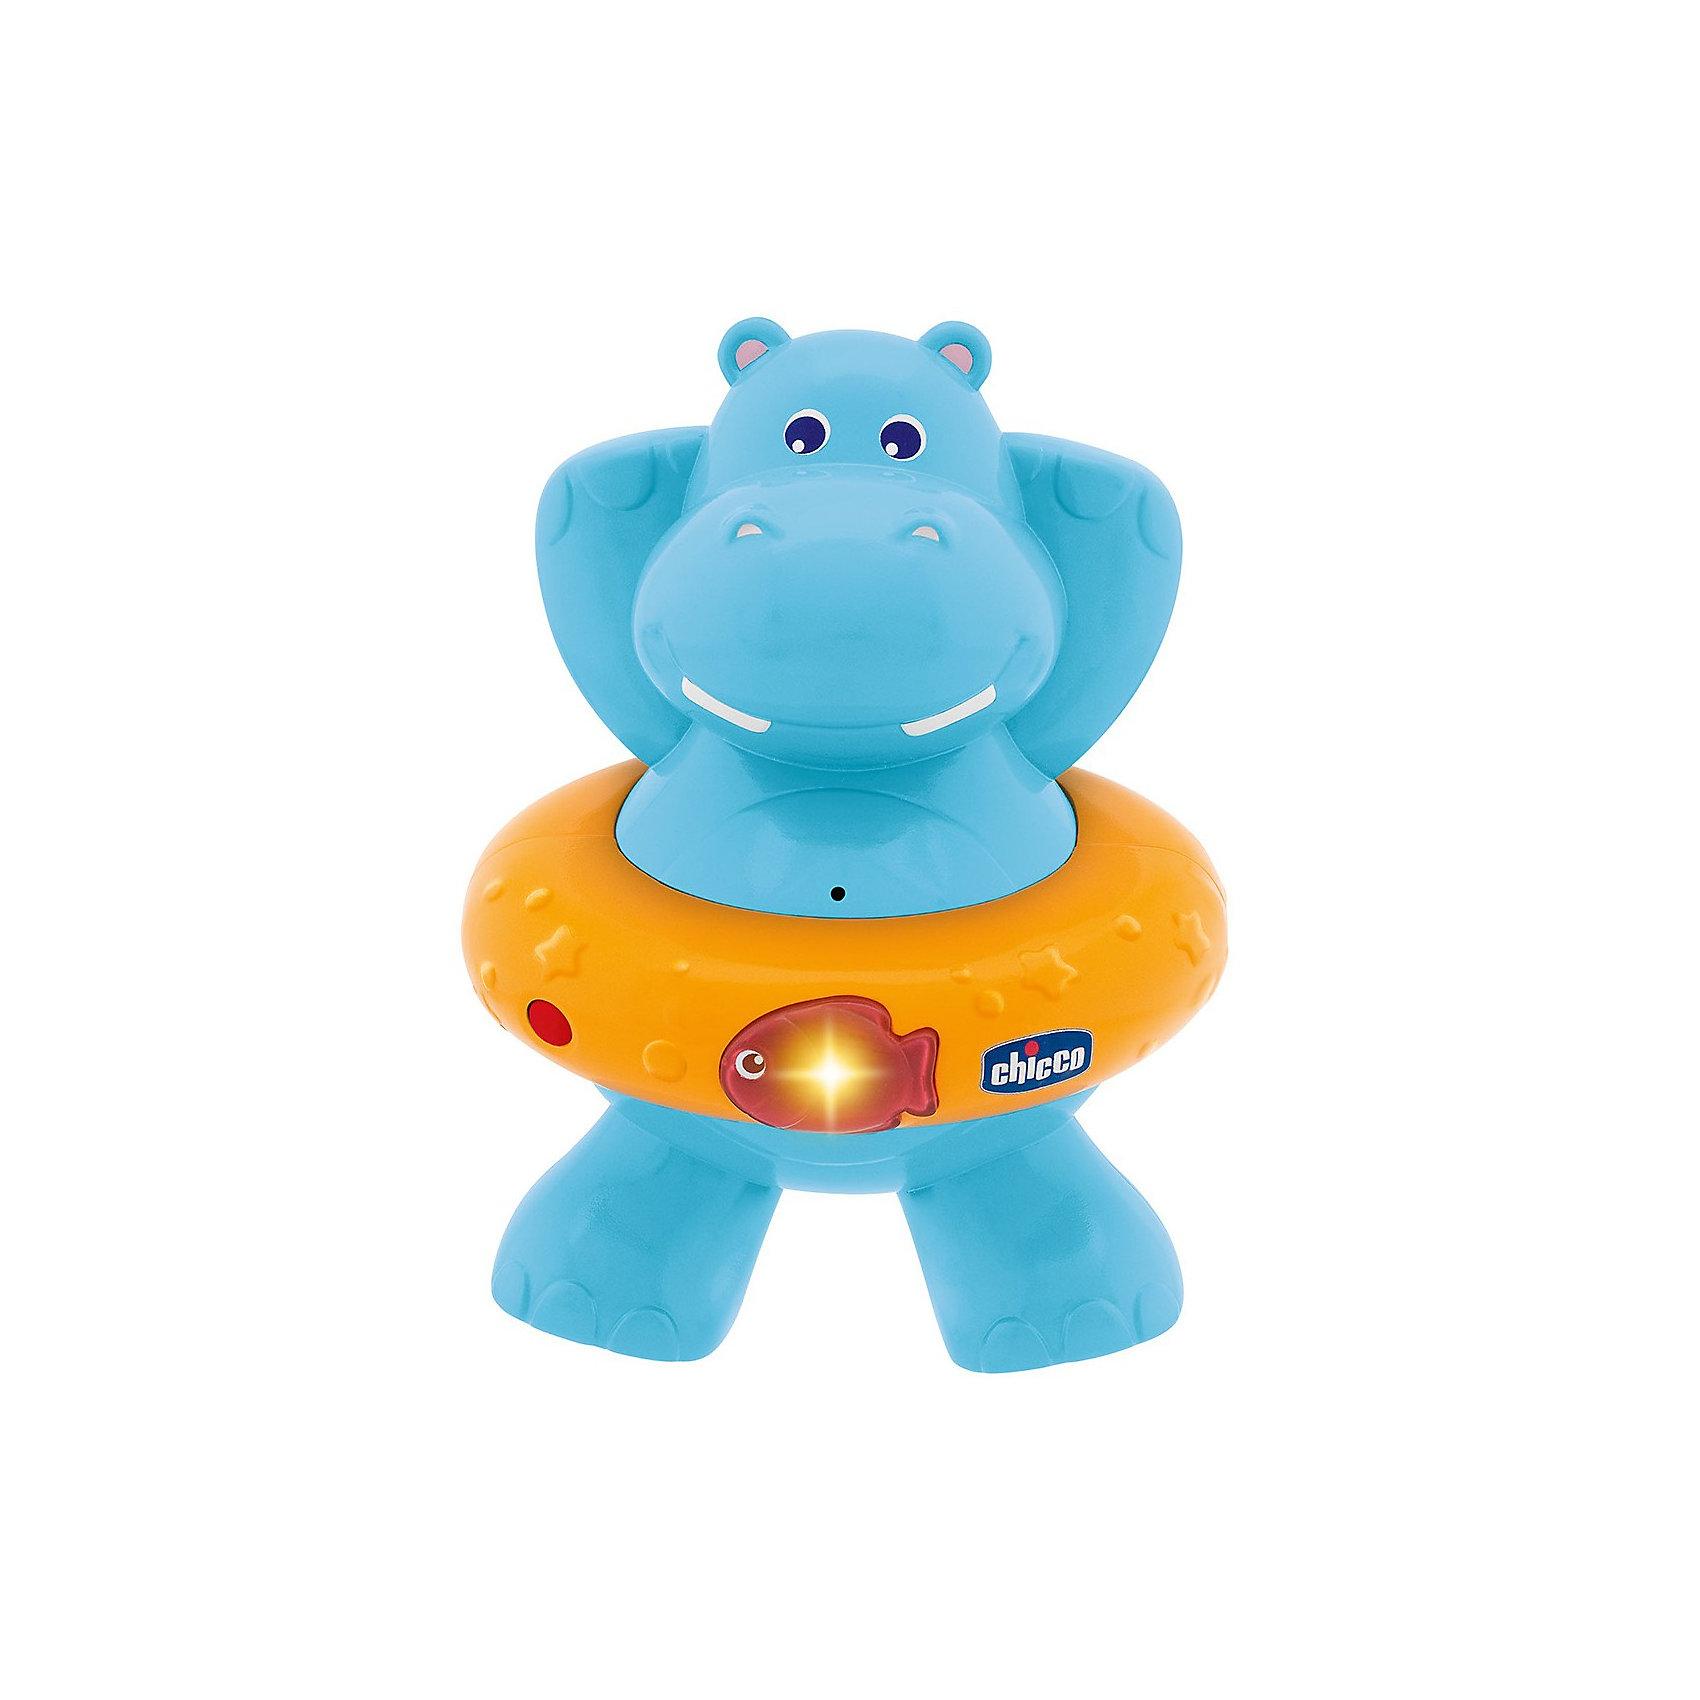 Игрушка для ванной Счастливый бегемотик, ChiccoИгрушка для ванны Счастливый бегемотик Chicco (Чико) - это очаровательный электронный плавающий гиппопотам!<br><br>Игрушка выполнена в виде бегемотика со спасательным кругом. Нажмите на рыбку на спасательном круге, и вы услышите мелодии и увидите световые эффекты. Игрушка поможет Вашей крохе развить навыки понимания музыки.<br><br>Счастливый бегемотик оснащен датчиком движения. <br><br>Игрушку для ванны Счастливый бегемотик Chicco можно купить в нашем интернет-магазине.<br><br>Ширина мм: 103<br>Глубина мм: 150<br>Высота мм: 211<br>Вес г: 400<br>Возраст от месяцев: 6<br>Возраст до месяцев: 36<br>Пол: Унисекс<br>Возраст: Детский<br>SKU: 2495047